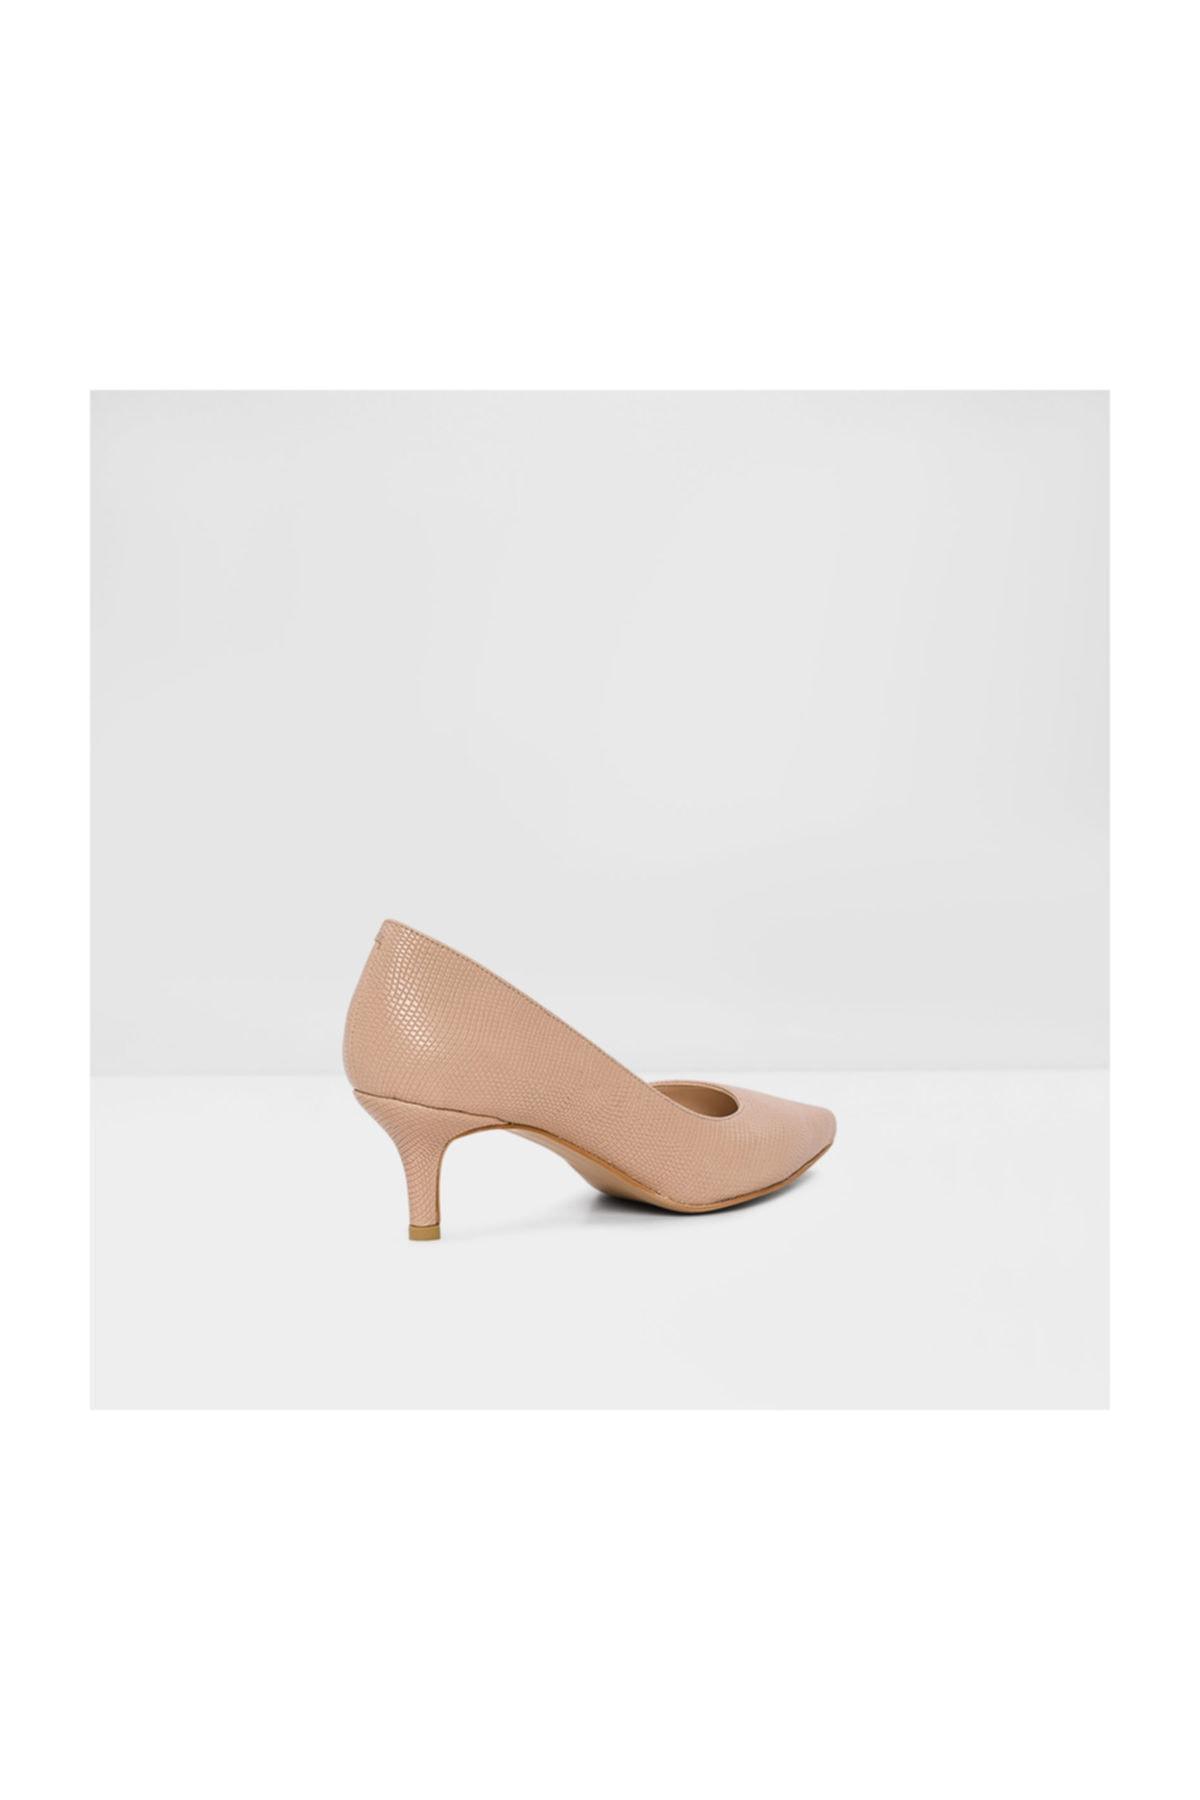 Aldo Nyderındra-tr - Bej Kadın Topuklu Ayakkabı 2